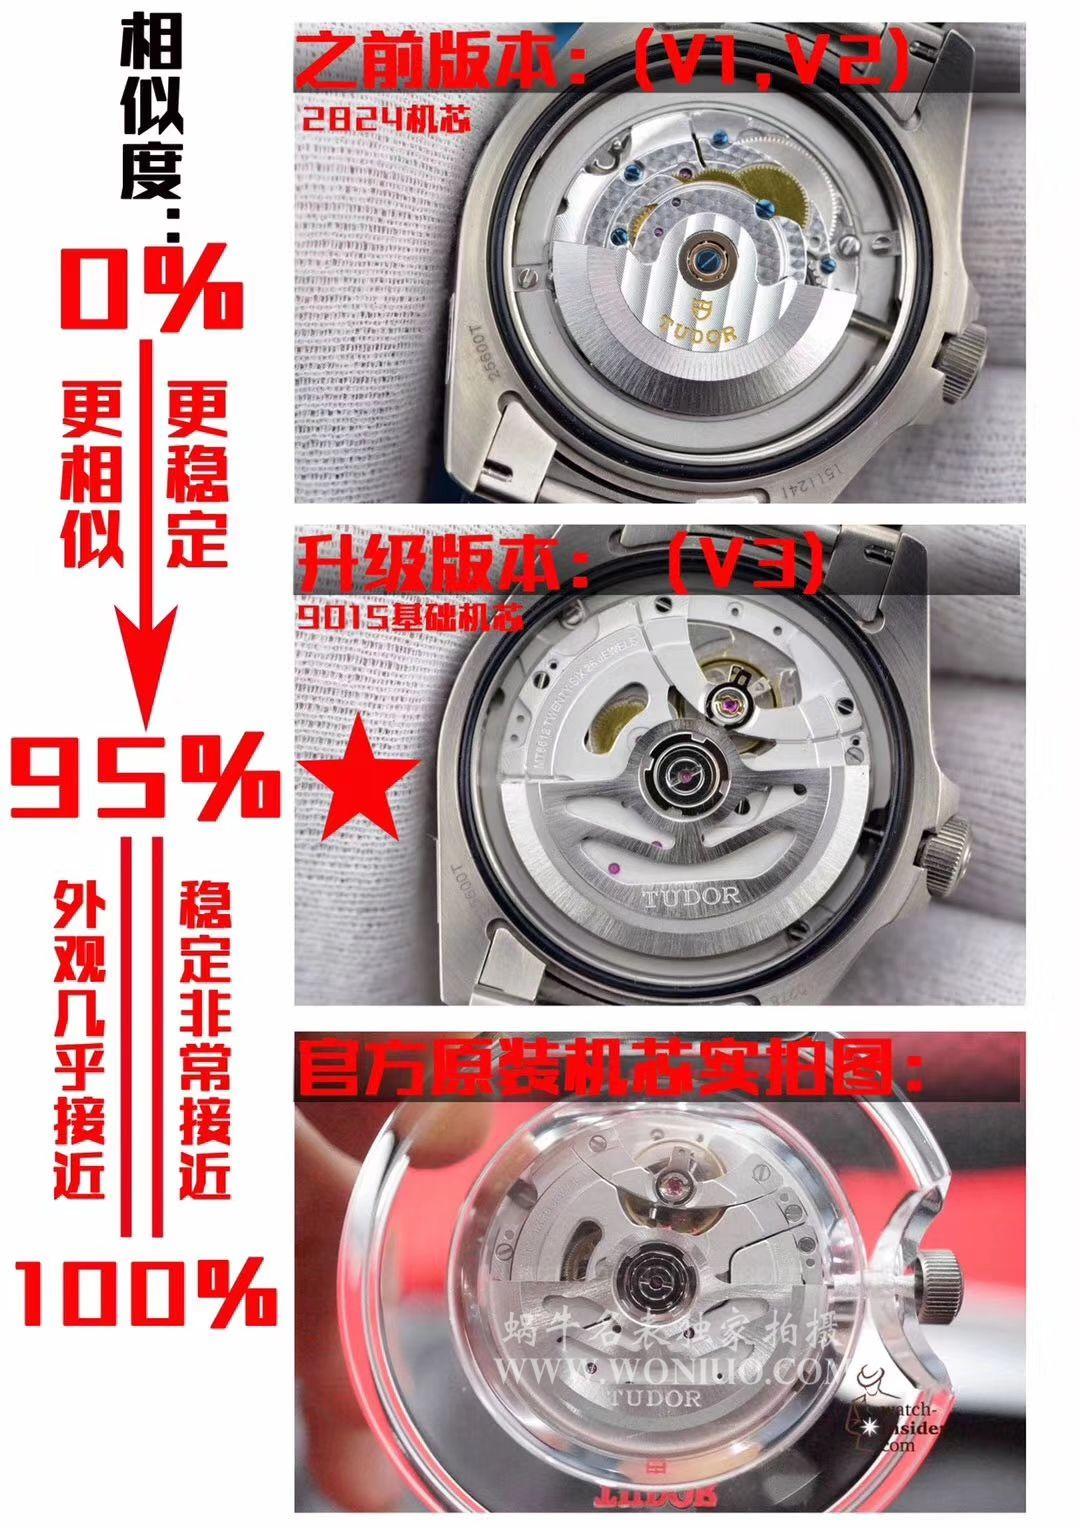 帝舵PELAGOS系列25500TN 钛金属表带腕表【XF一比一复刻黑钛土豆黑色战斧V3版本】